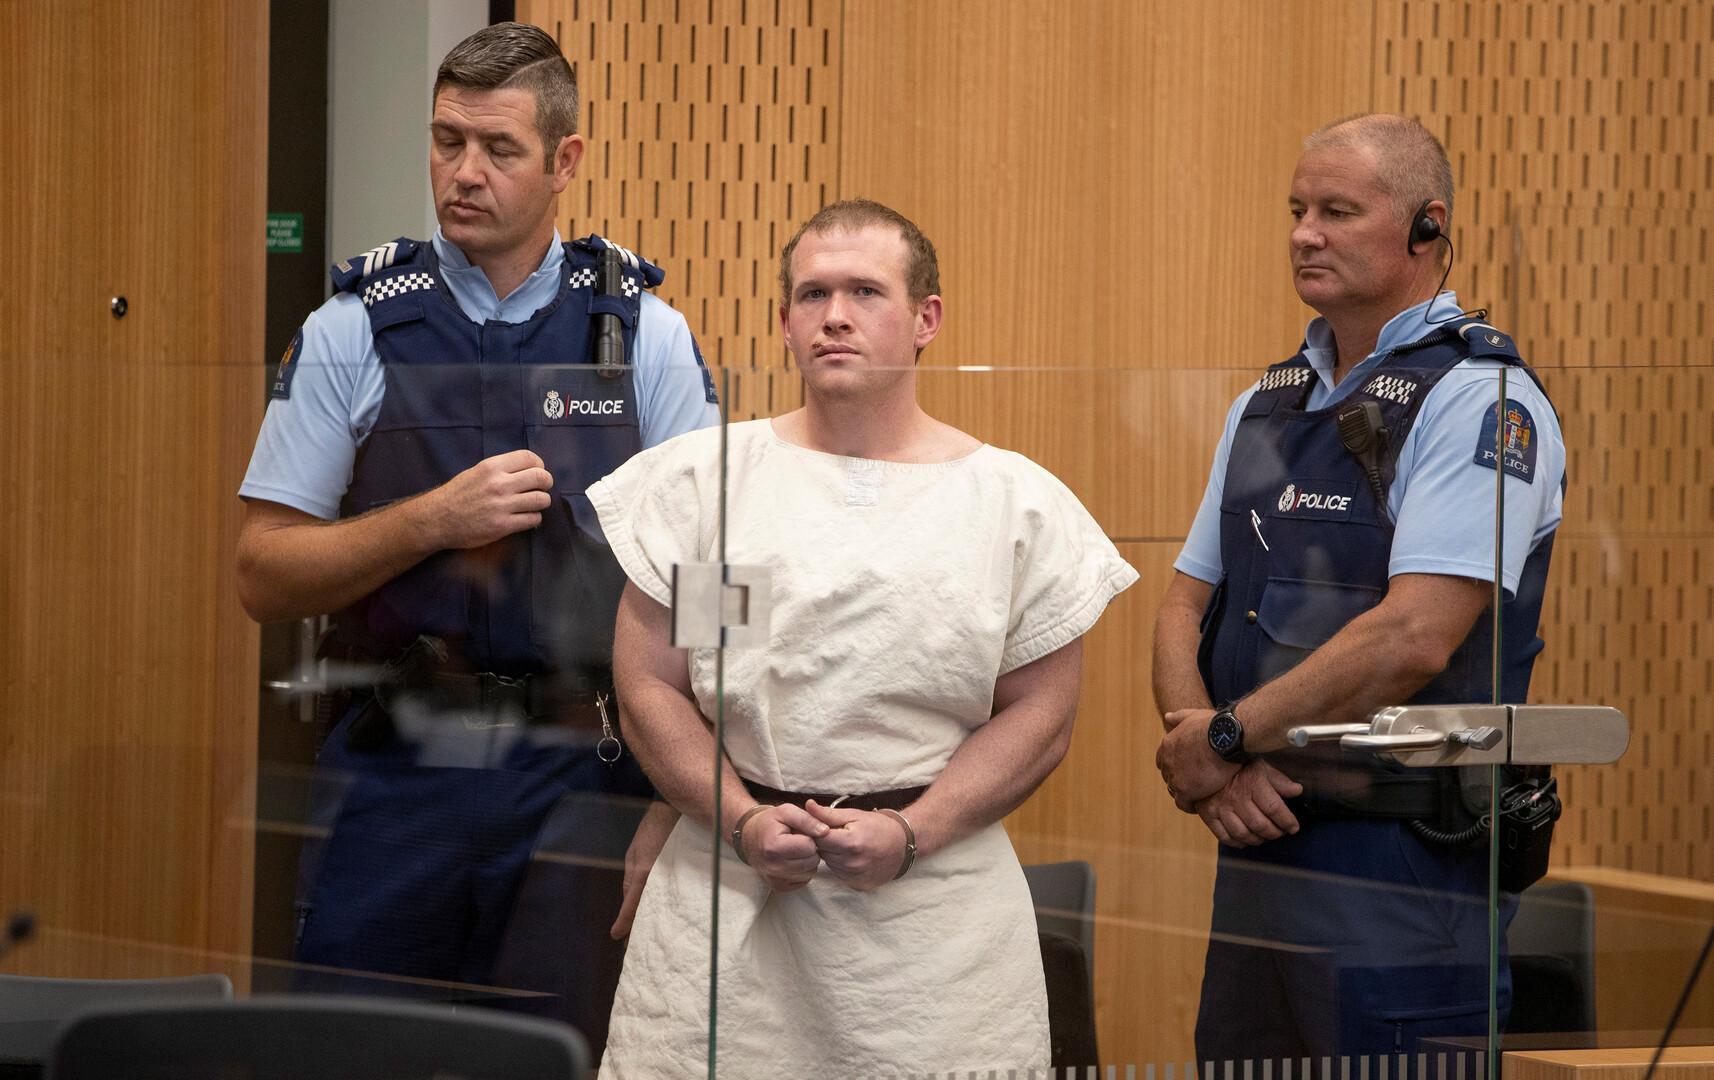 أستراليا تحجب 8 مواقع على الإنترنت تعرض فيديو هجومي نيوزيلندا